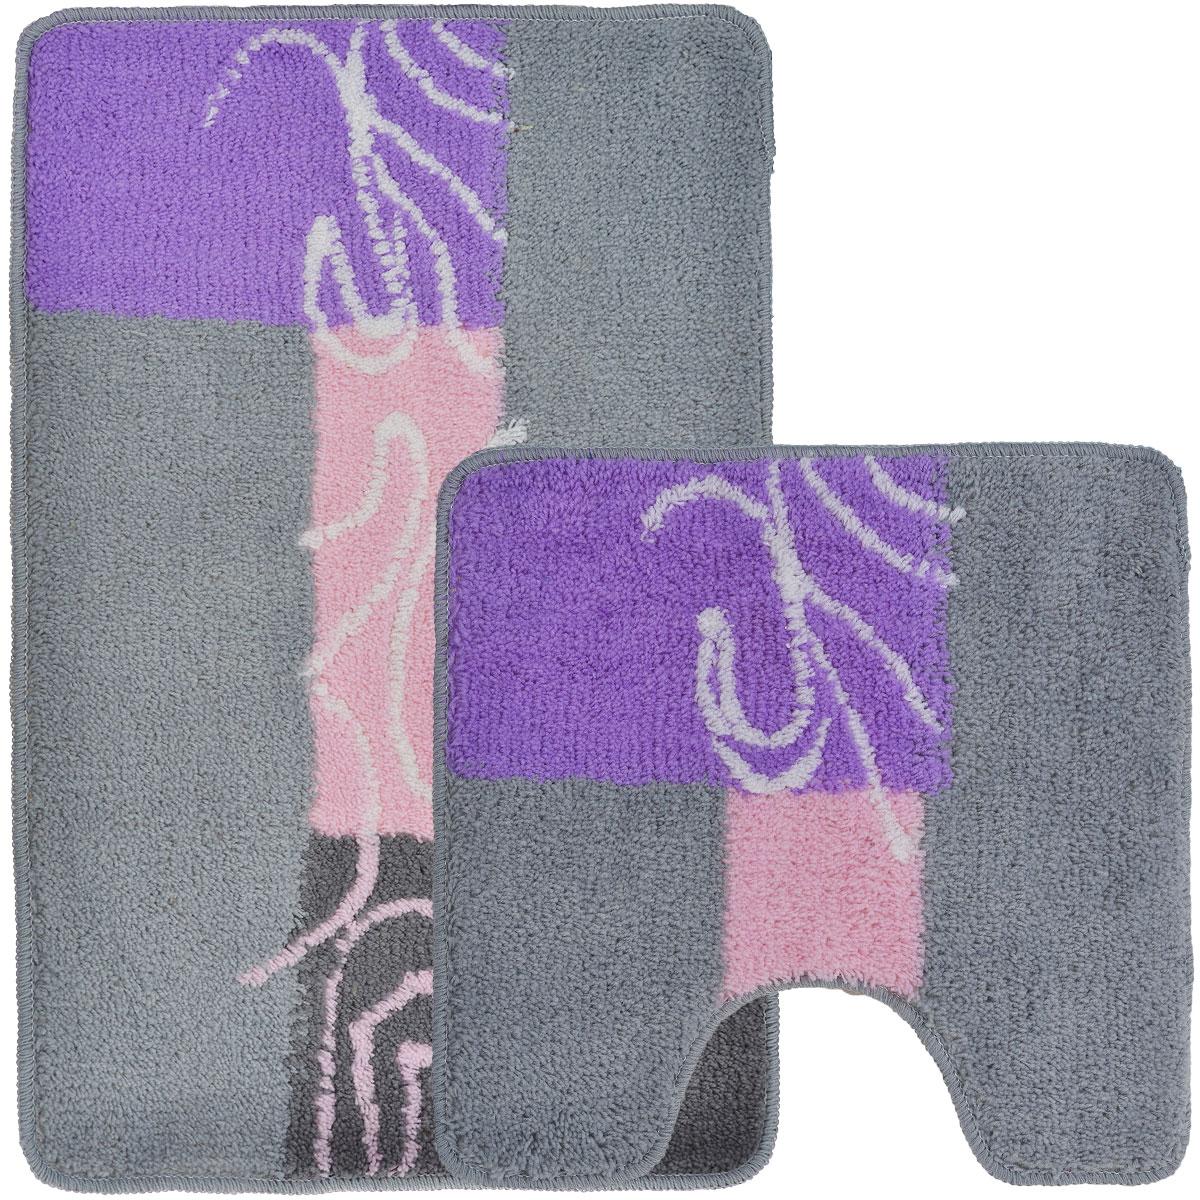 Комплект ковриков для ванной и туалета Fresh Code, цвет: серый, розовый, 2 предмета68/2/2Комплект Fresh Code состоит из коврика для ванной комнаты и туалета. Коврики изготовлены из акрила и оформлены узором. Это экологически чистый, быстросохнущий, мягкий и износостойкий материал. Красители устойчивы, поэтому коврики не потускнеют даже после многократных стирок в стиральной машине. Благодаря латексной основе коврики не скользят на полу. Края изделий обработаны оверлоком. Можно использовать на полу с подогревом. Набор для ванной Fresh Code подарит ощущение тепла и комфорта, а также привнесет уют в вашу ванную комнату.Высота ворса: 1 см.Размер коврика для ванной комнаты: 80 см х 50 см.Размер коврика для туалета: 50 см х 50 см.